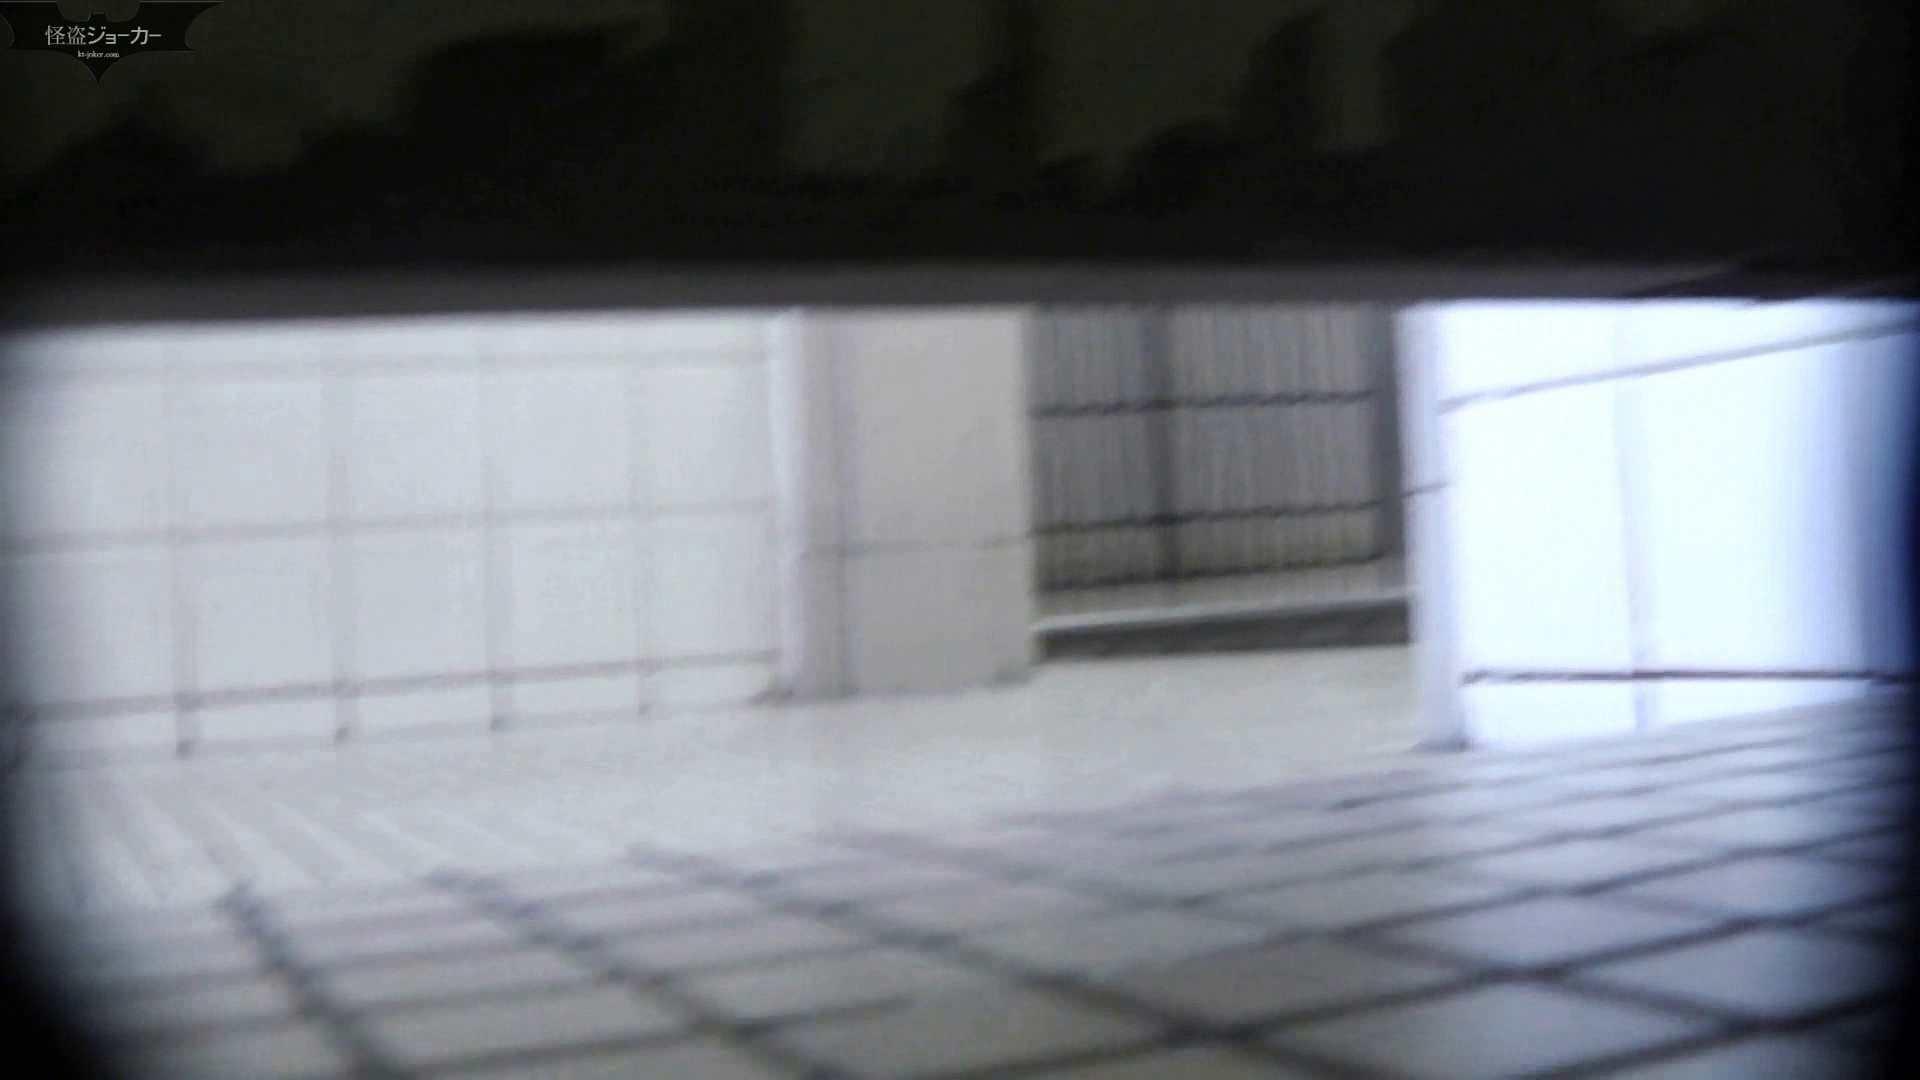 【美しき個室な世界】洗面所特攻隊 vol.051 洗面所着替え   OL  61連発 18